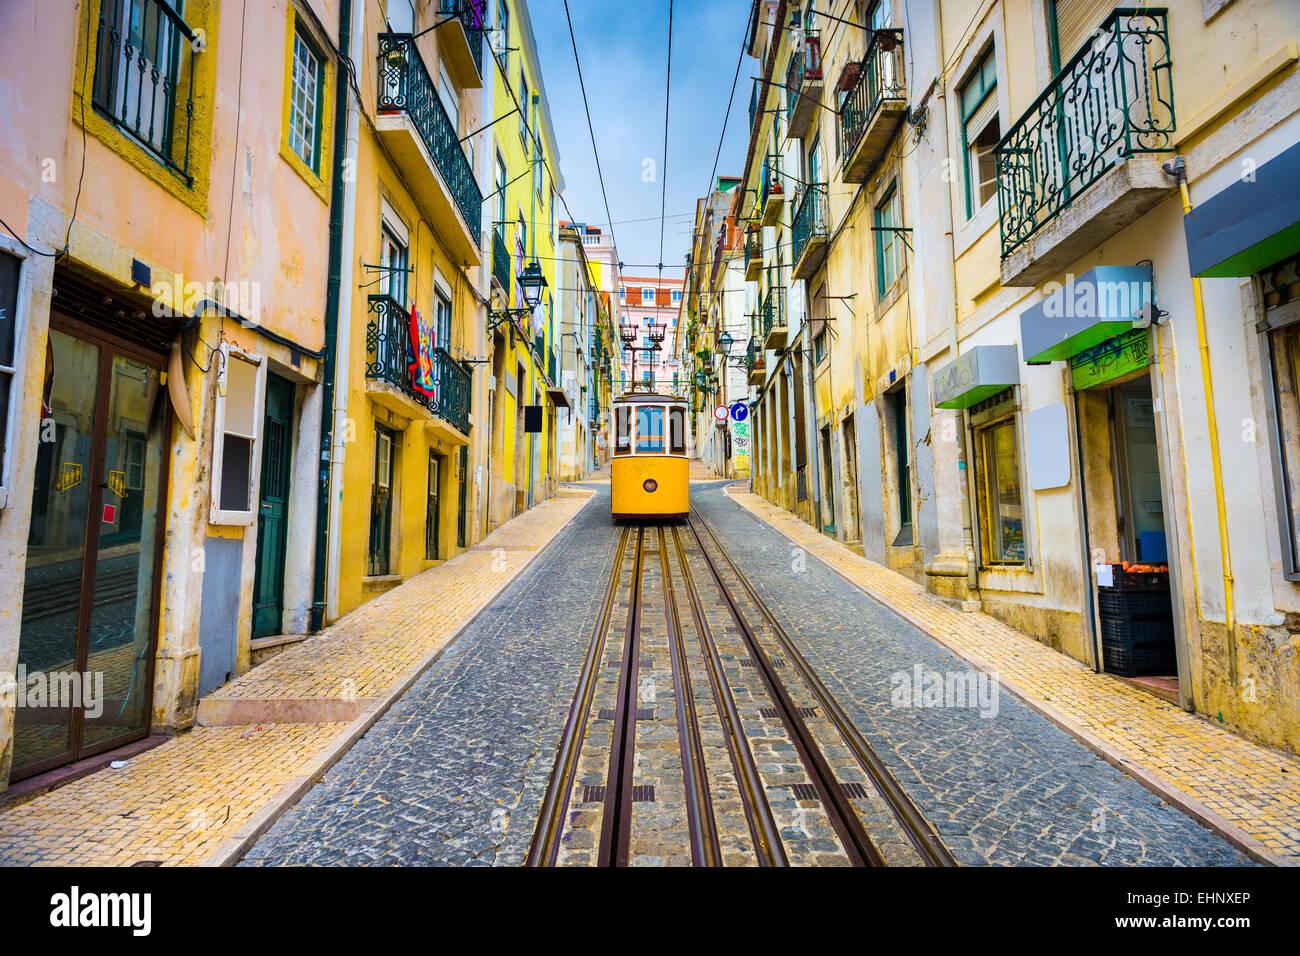 Lisbonne, Portugal rues de la vieille ville et la rue voiture. Photo Stock